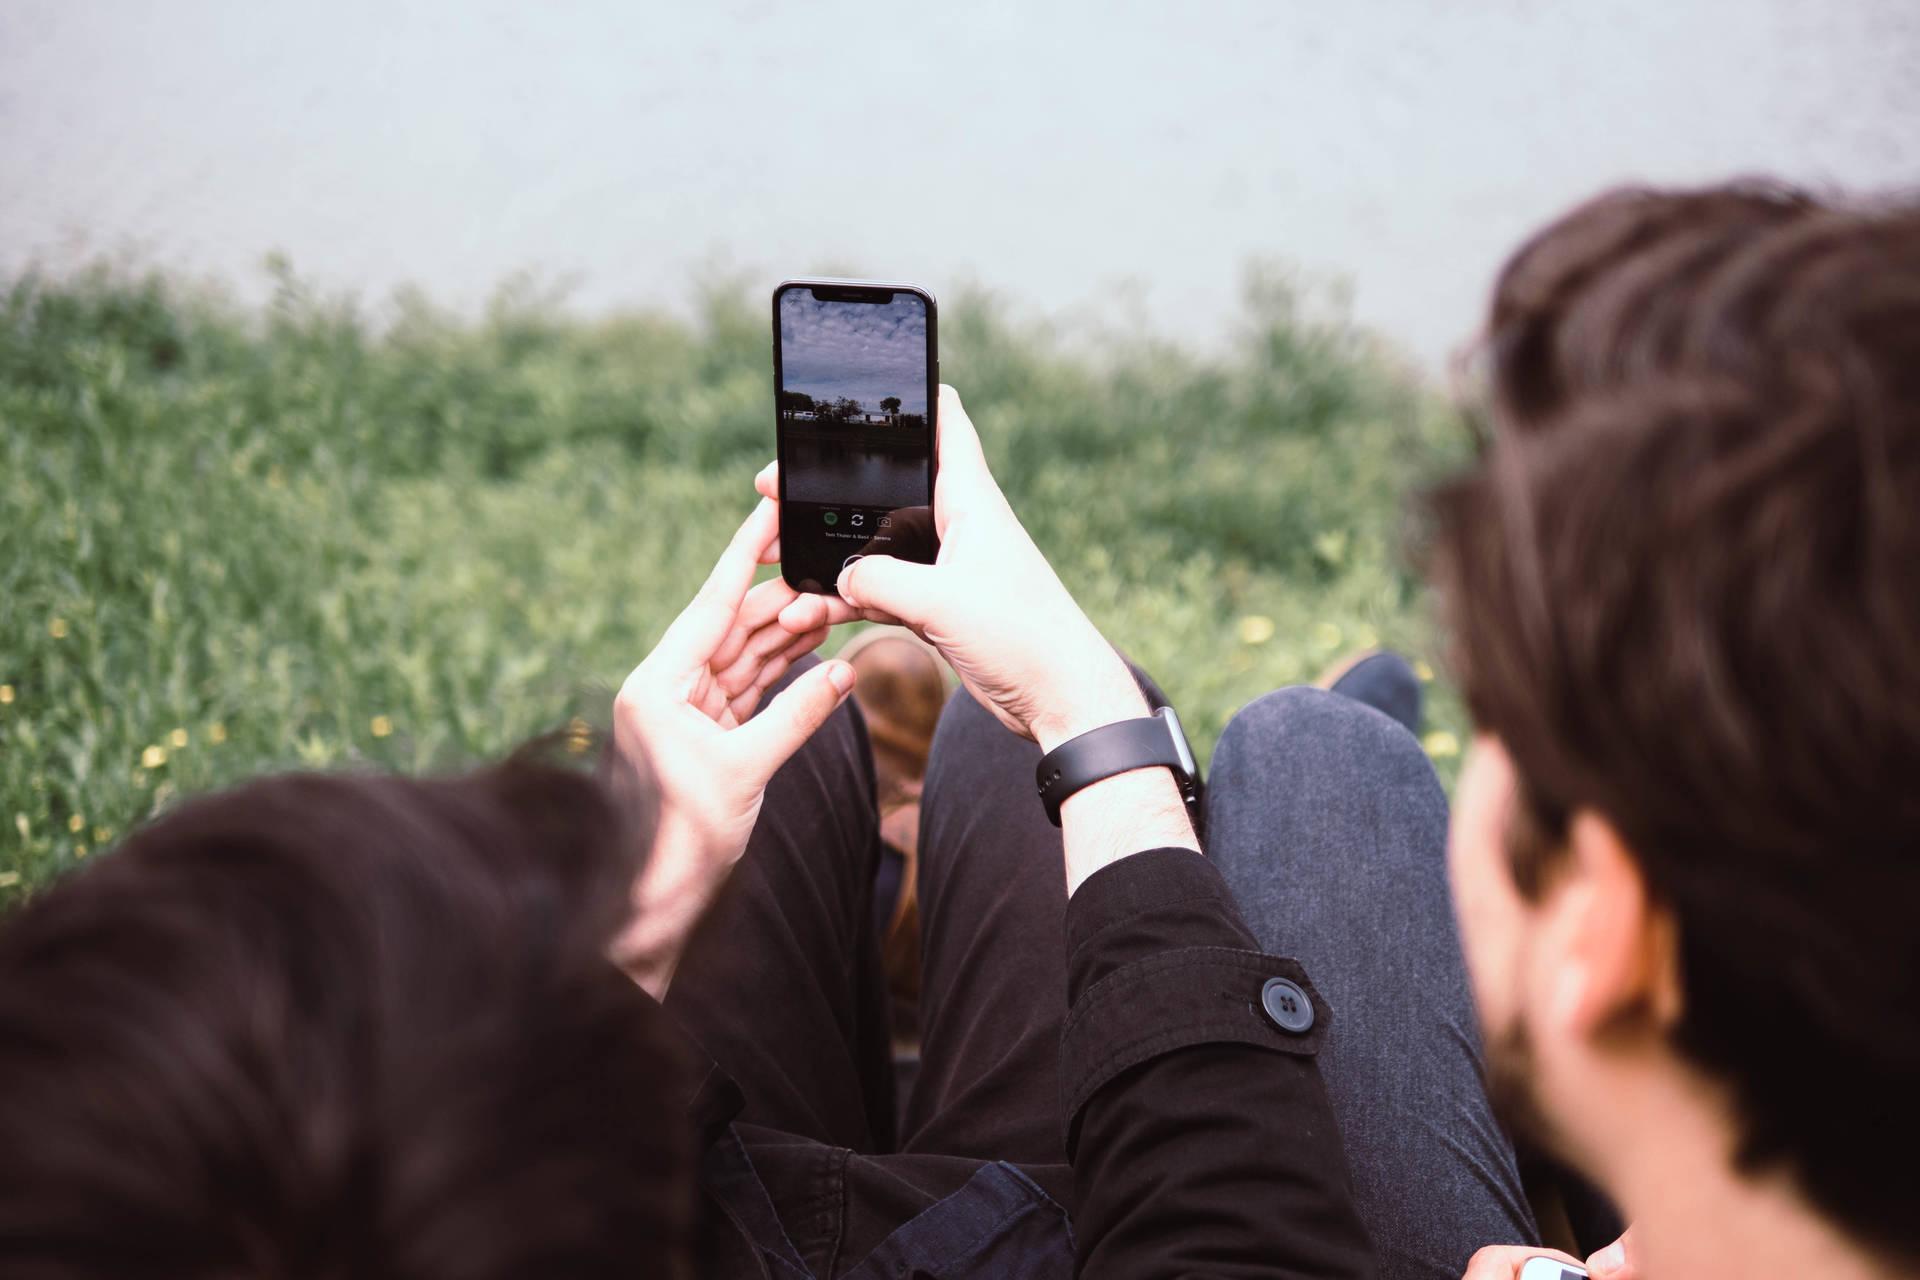 Musikmomente einfangen und teilen: ganz einfach mit der in Mannheim entwickelten App